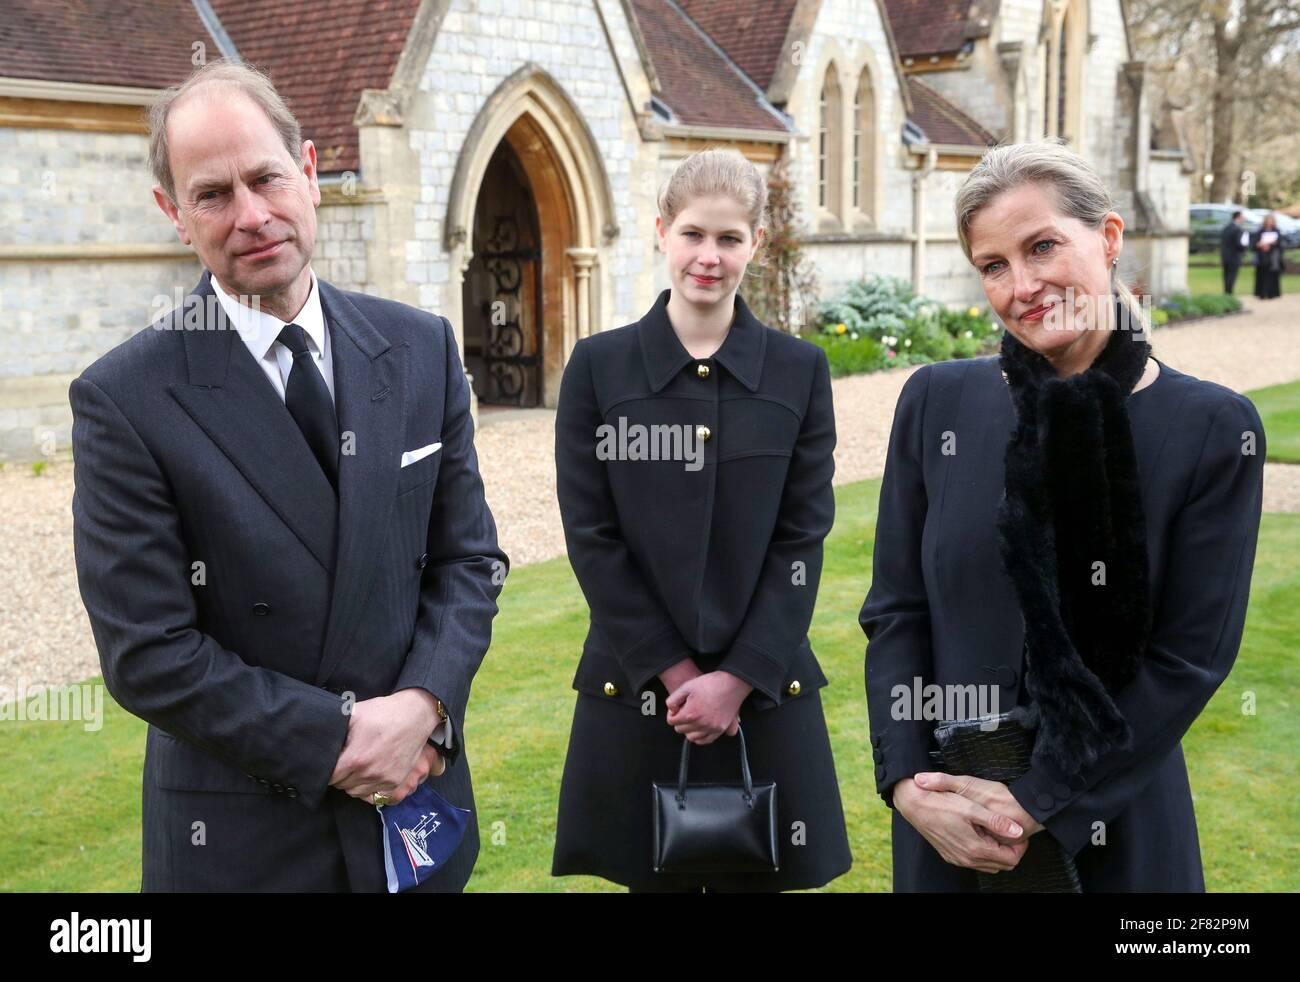 Der Graf und die Gräfin von Wessex mit ihrer Tochter Lady Louise Windsor während eines Fernsehinterviews in der Royal Chapel of All Saints, Windsor, nachdem am Freitag, dem 9. April, der Tod des Herzogs von Edinburgh im Alter von 99 Jahren angekündigt wurde. Bilddatum: Sonntag, 11. April 2021. Stockfoto